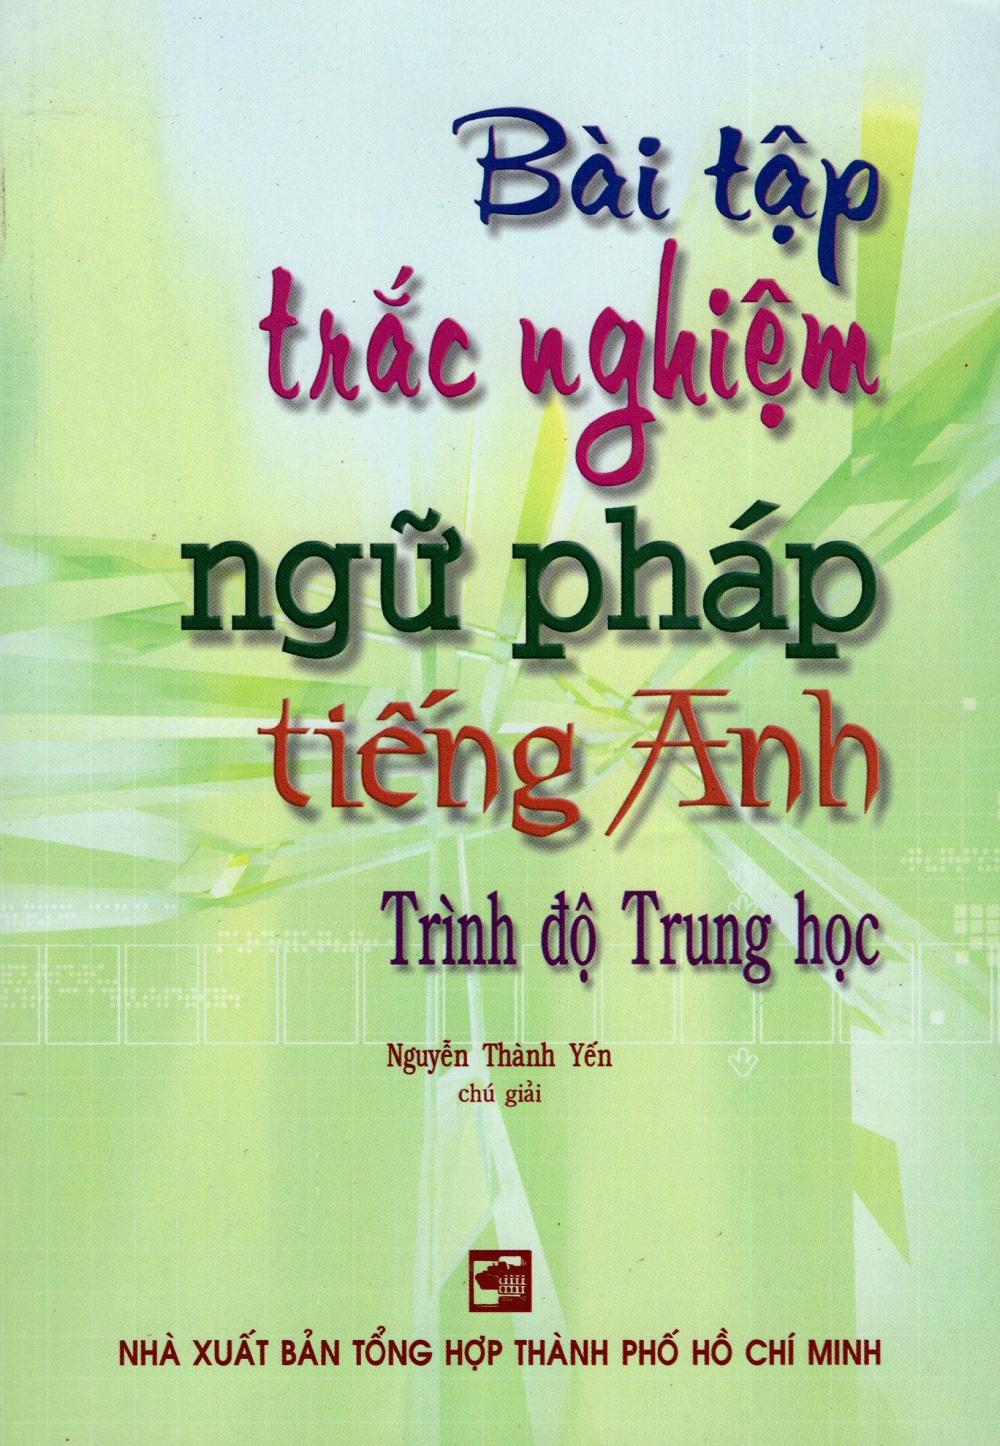 Bìa sách Bài Tập Trắc Nghiệm Ngữ Pháp Tiếng Anh (Trình Độ Trung Học)